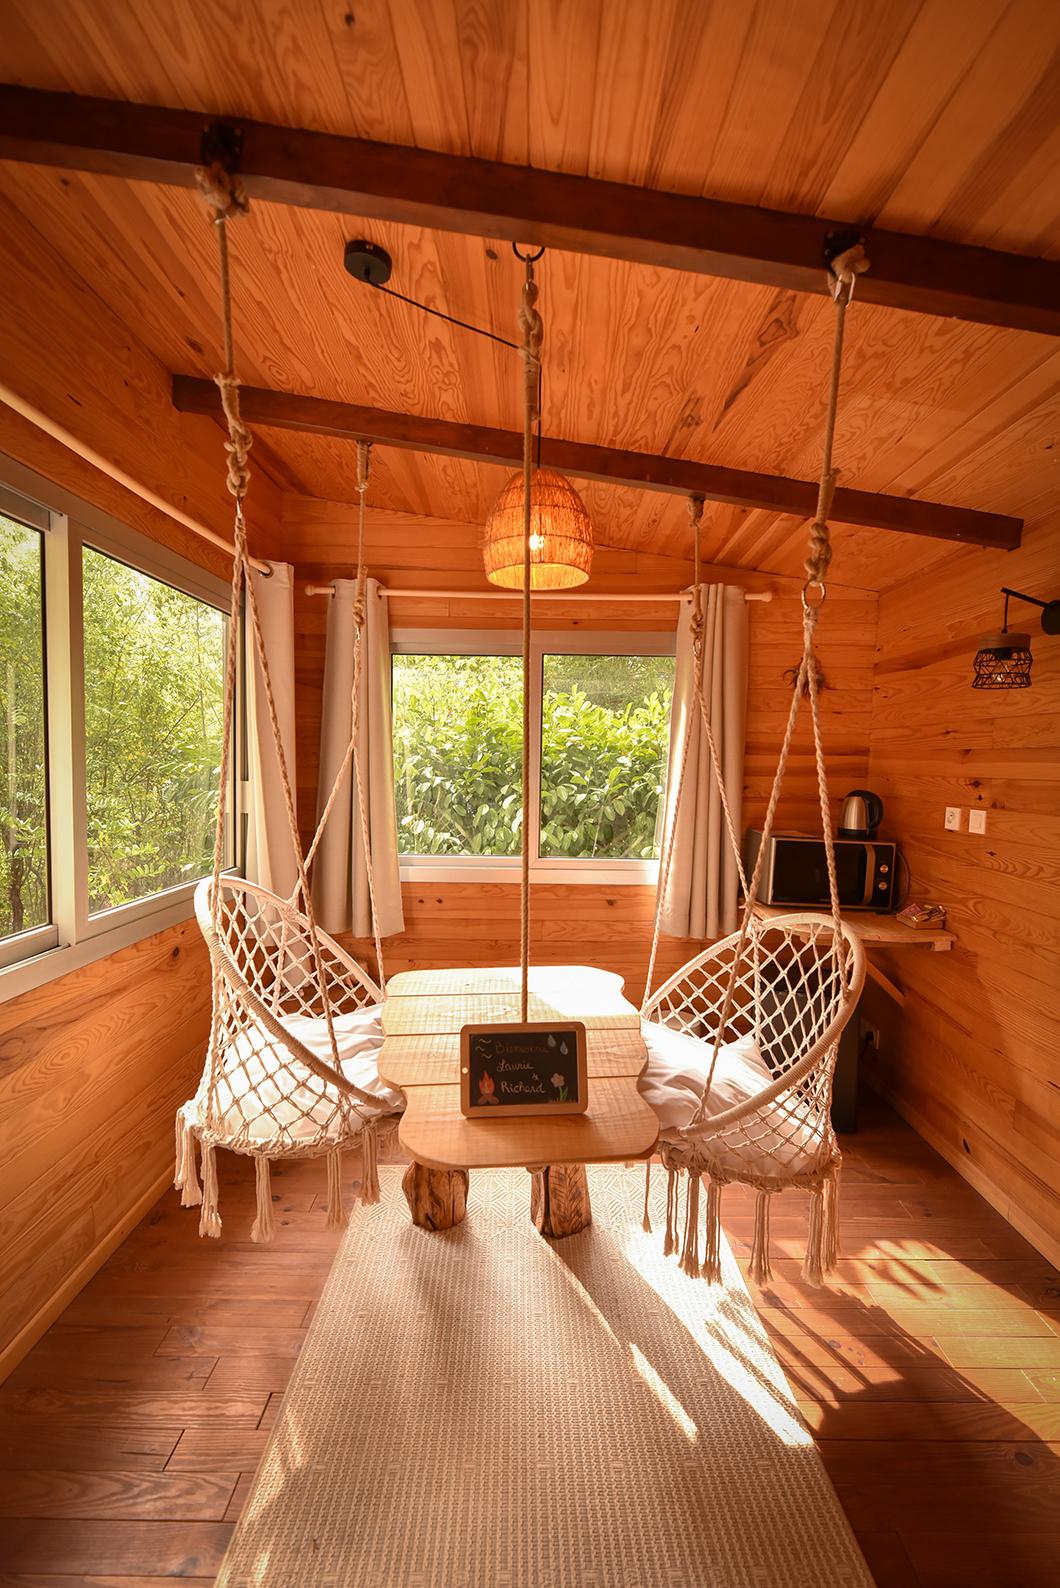 Dormir dans une cabane dans le Bois de Rosoy à proximité de Paris